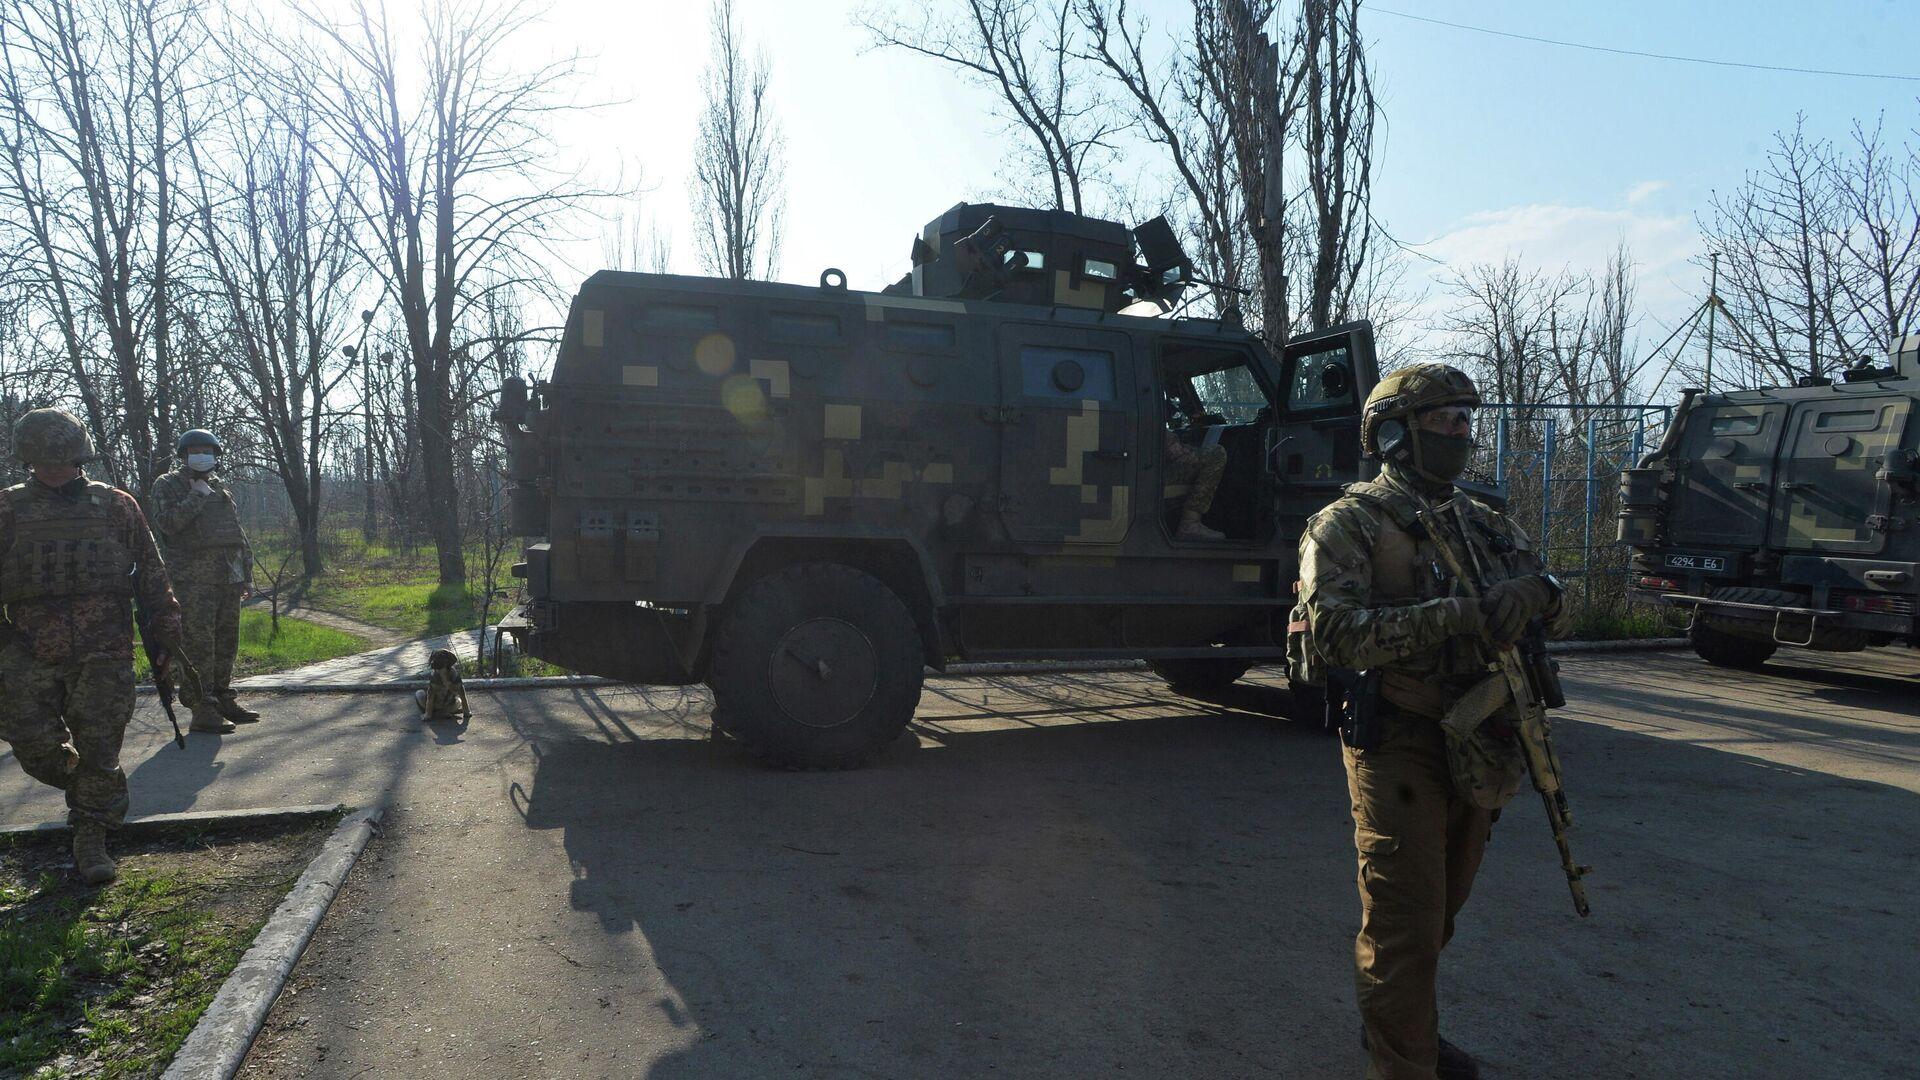 В ДНР обвинили ВСУ в минометном обстреле участка отвода сил в Донбассе